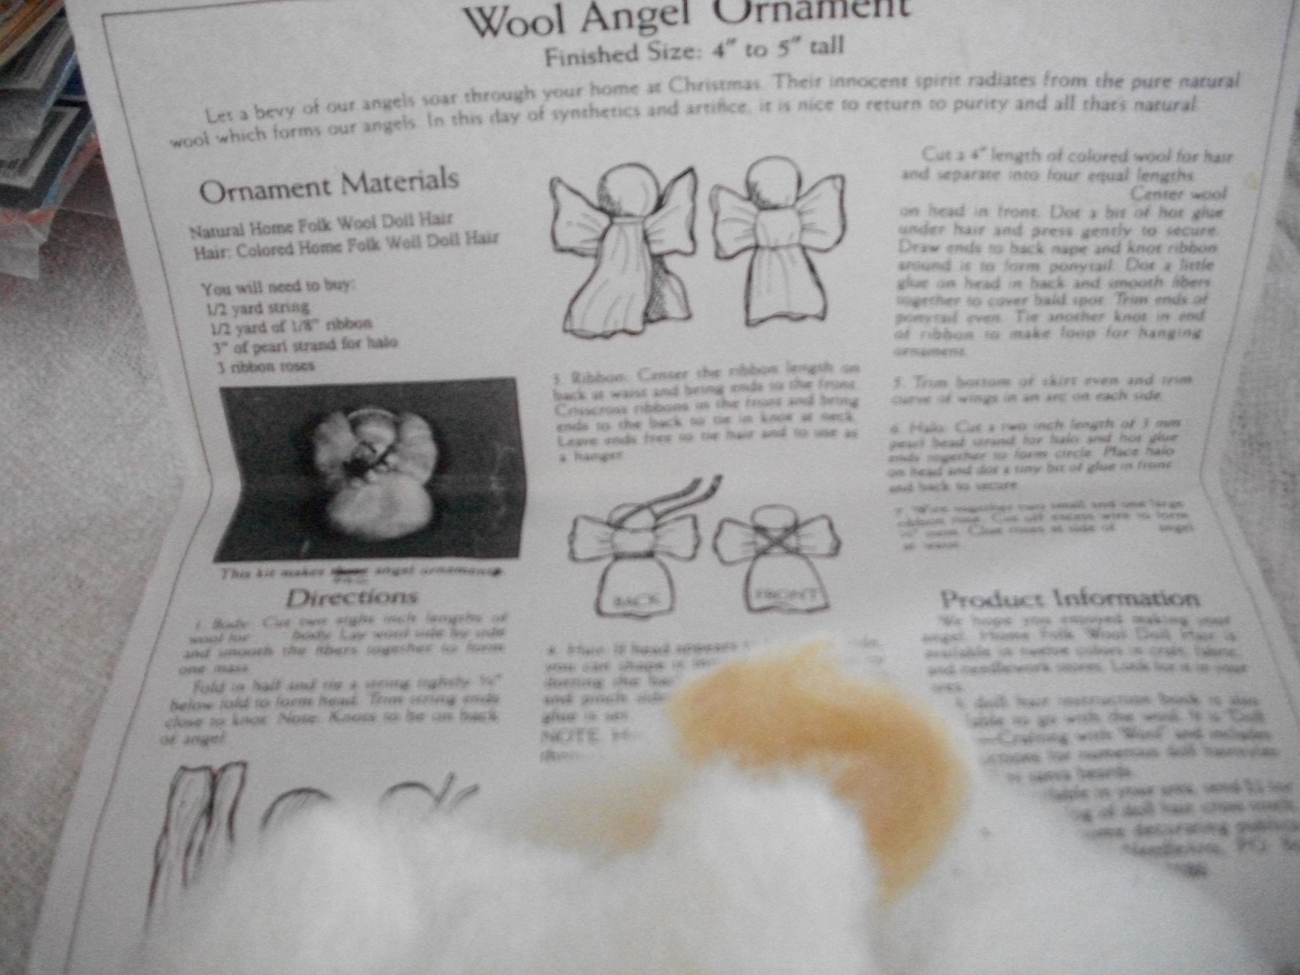 Wool Angel Ornament Kit - $6.00